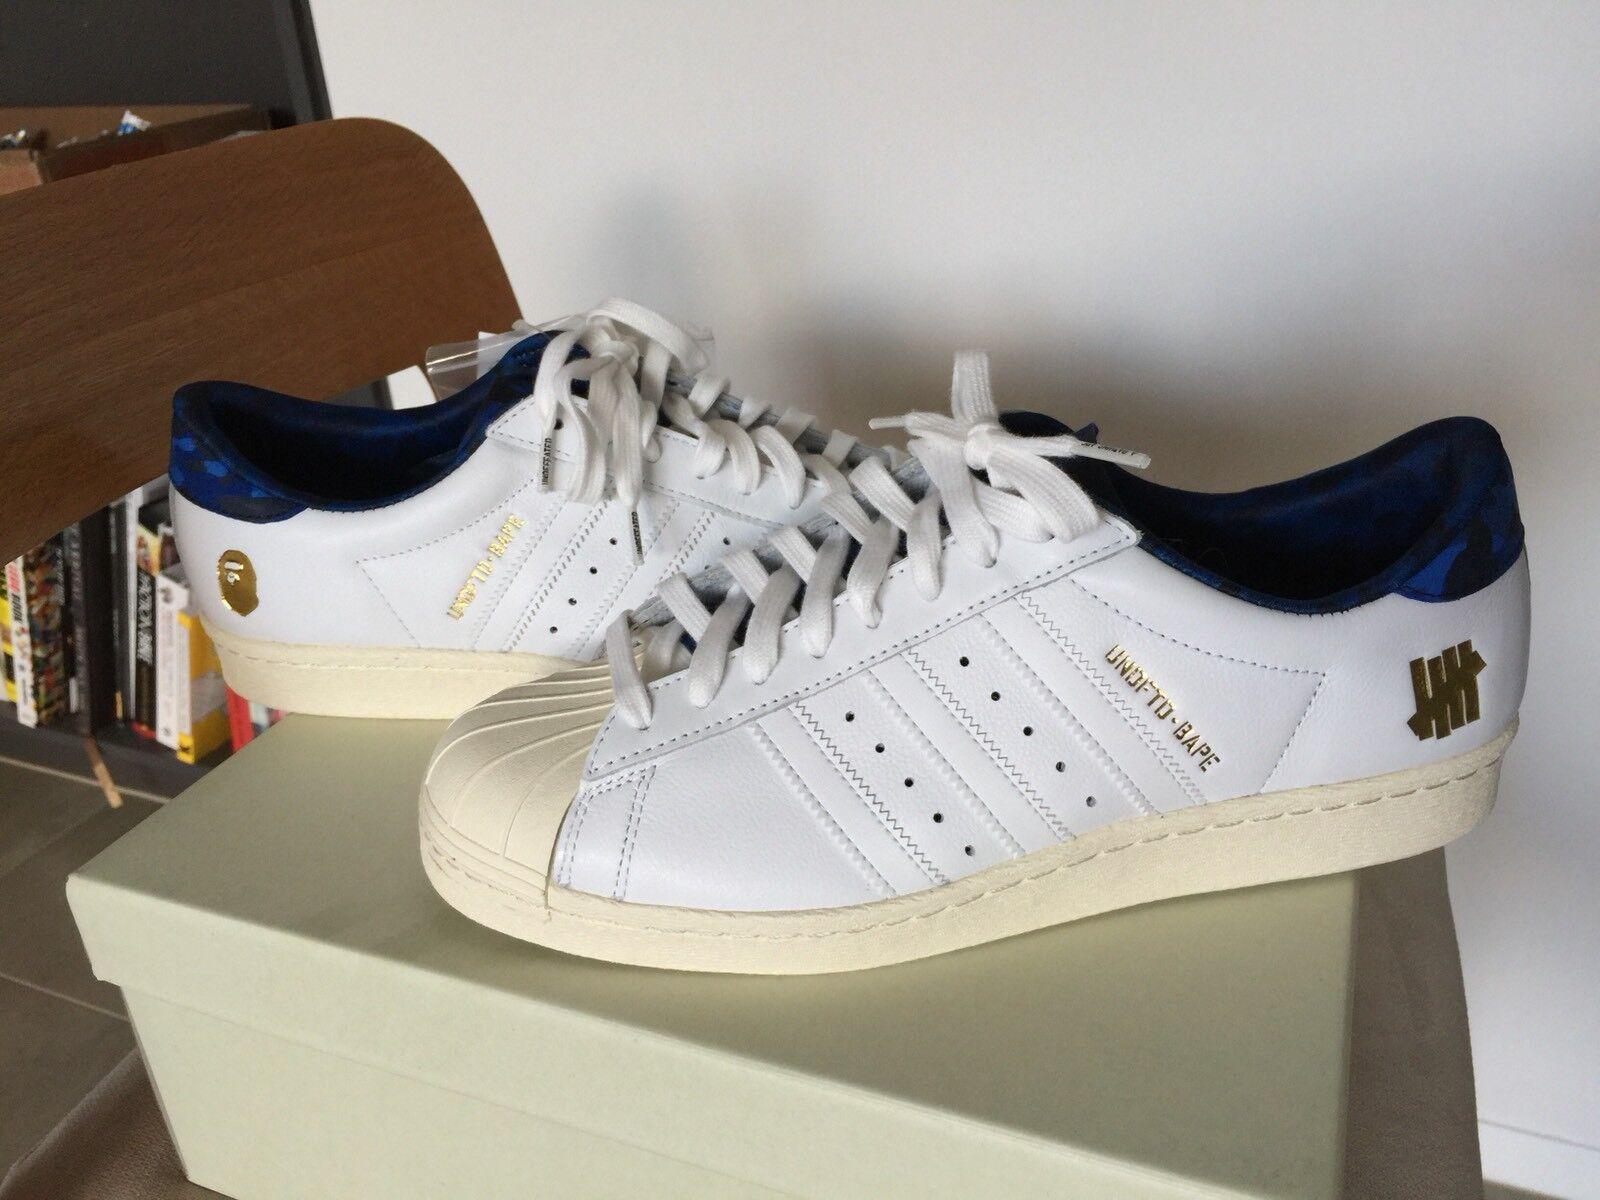 Bape Undefeated x Adidas 9.5 Superstar 80s Azul Blanco 9.5 Adidas Undefeated ffe38a